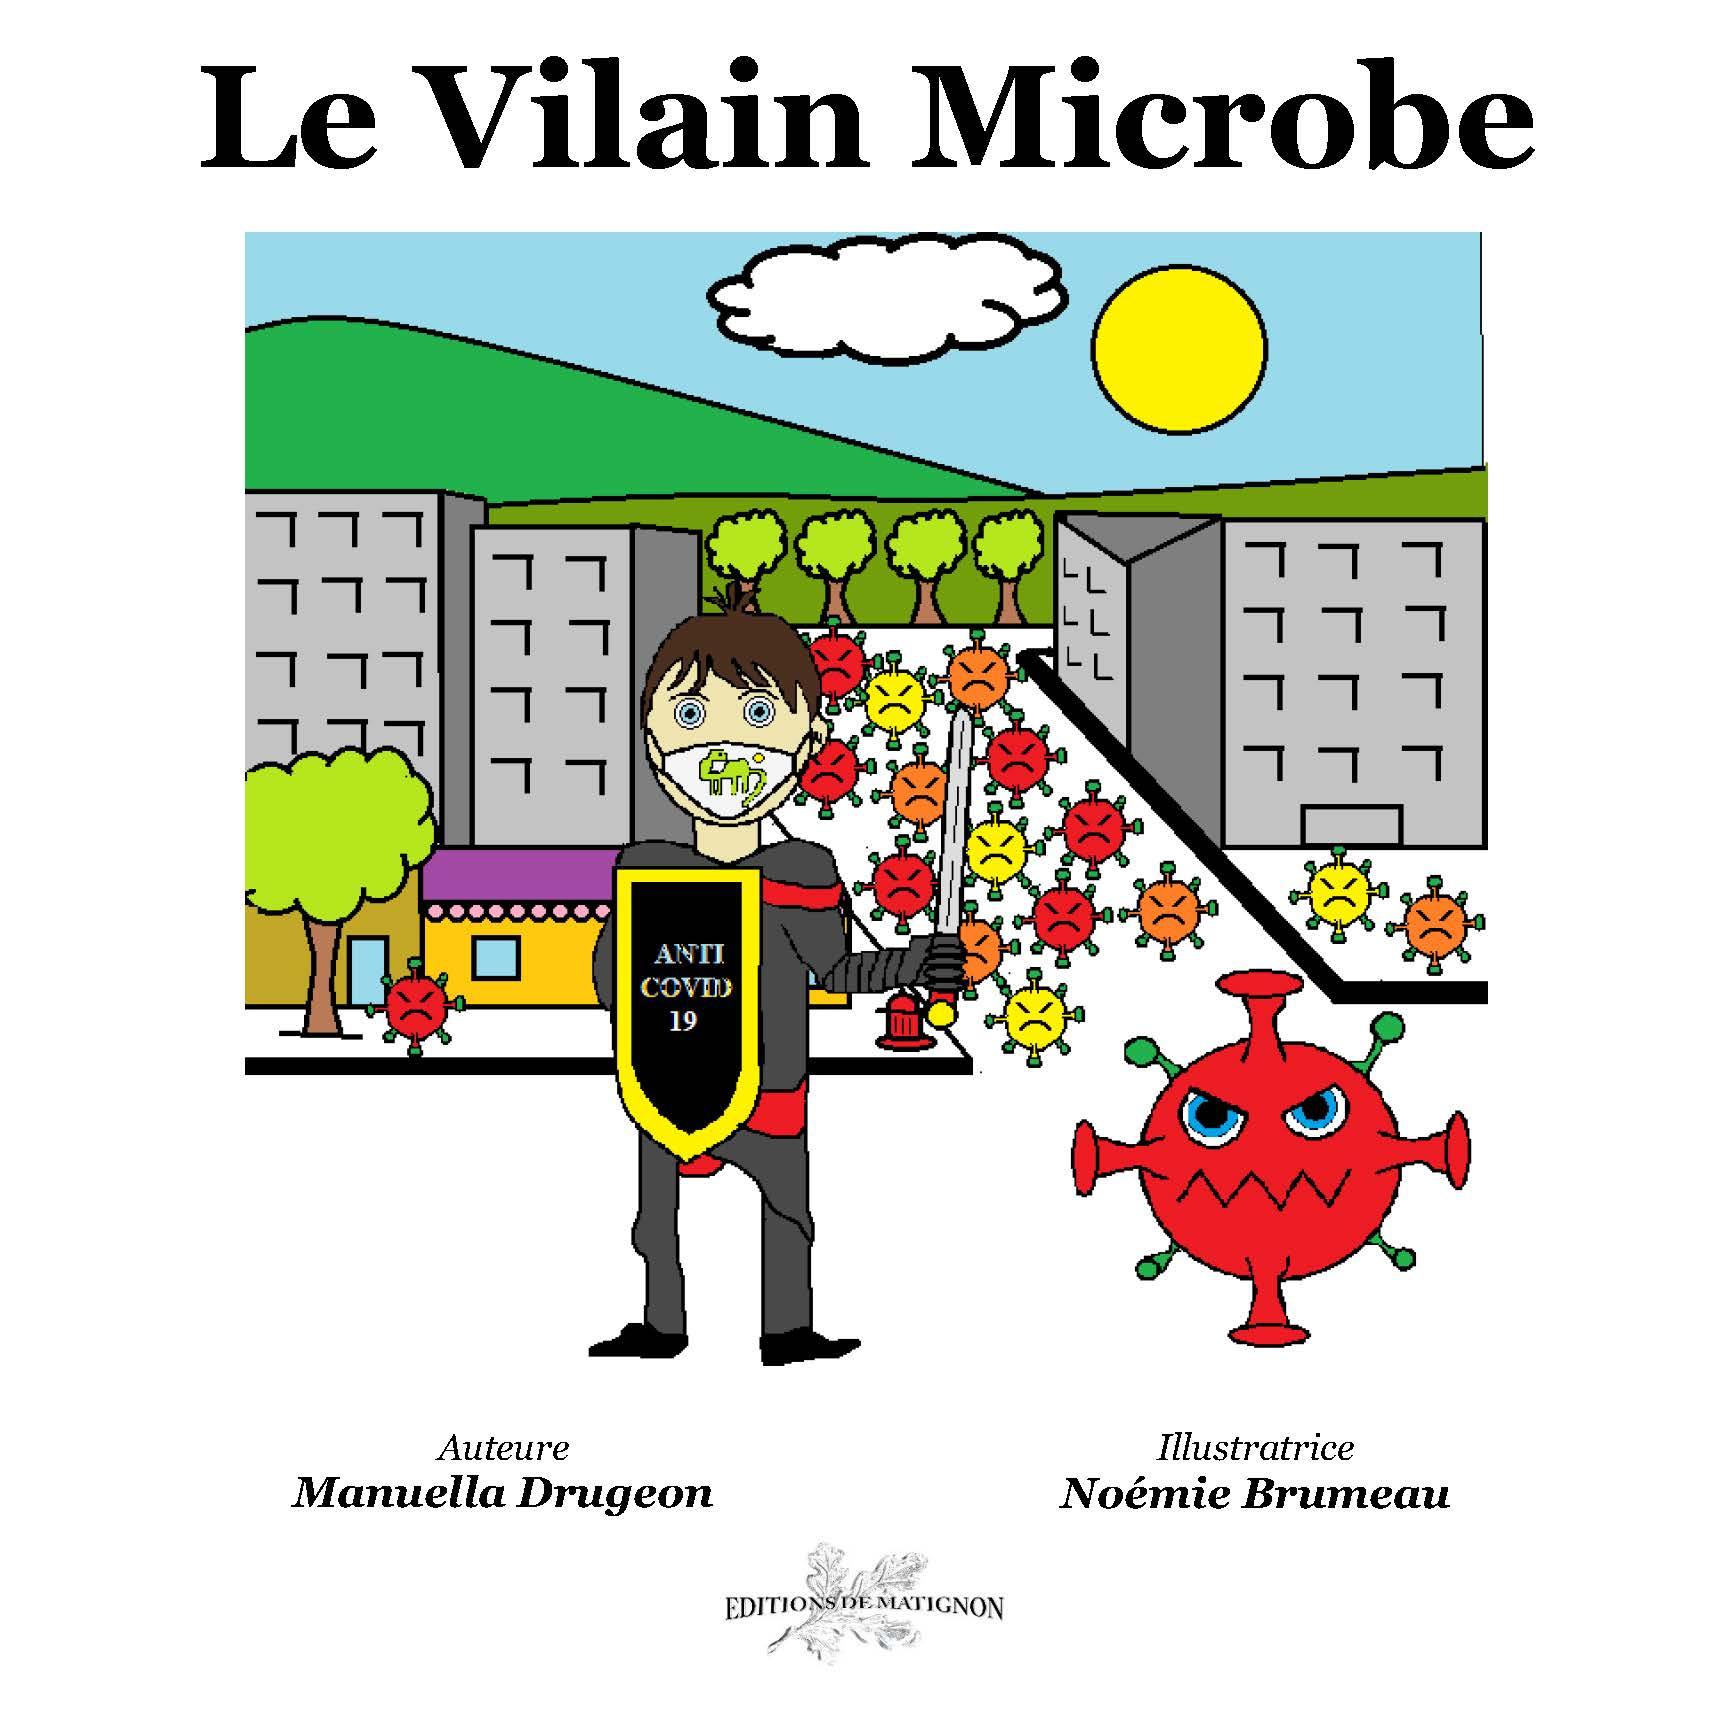 Le Vrai Microbe